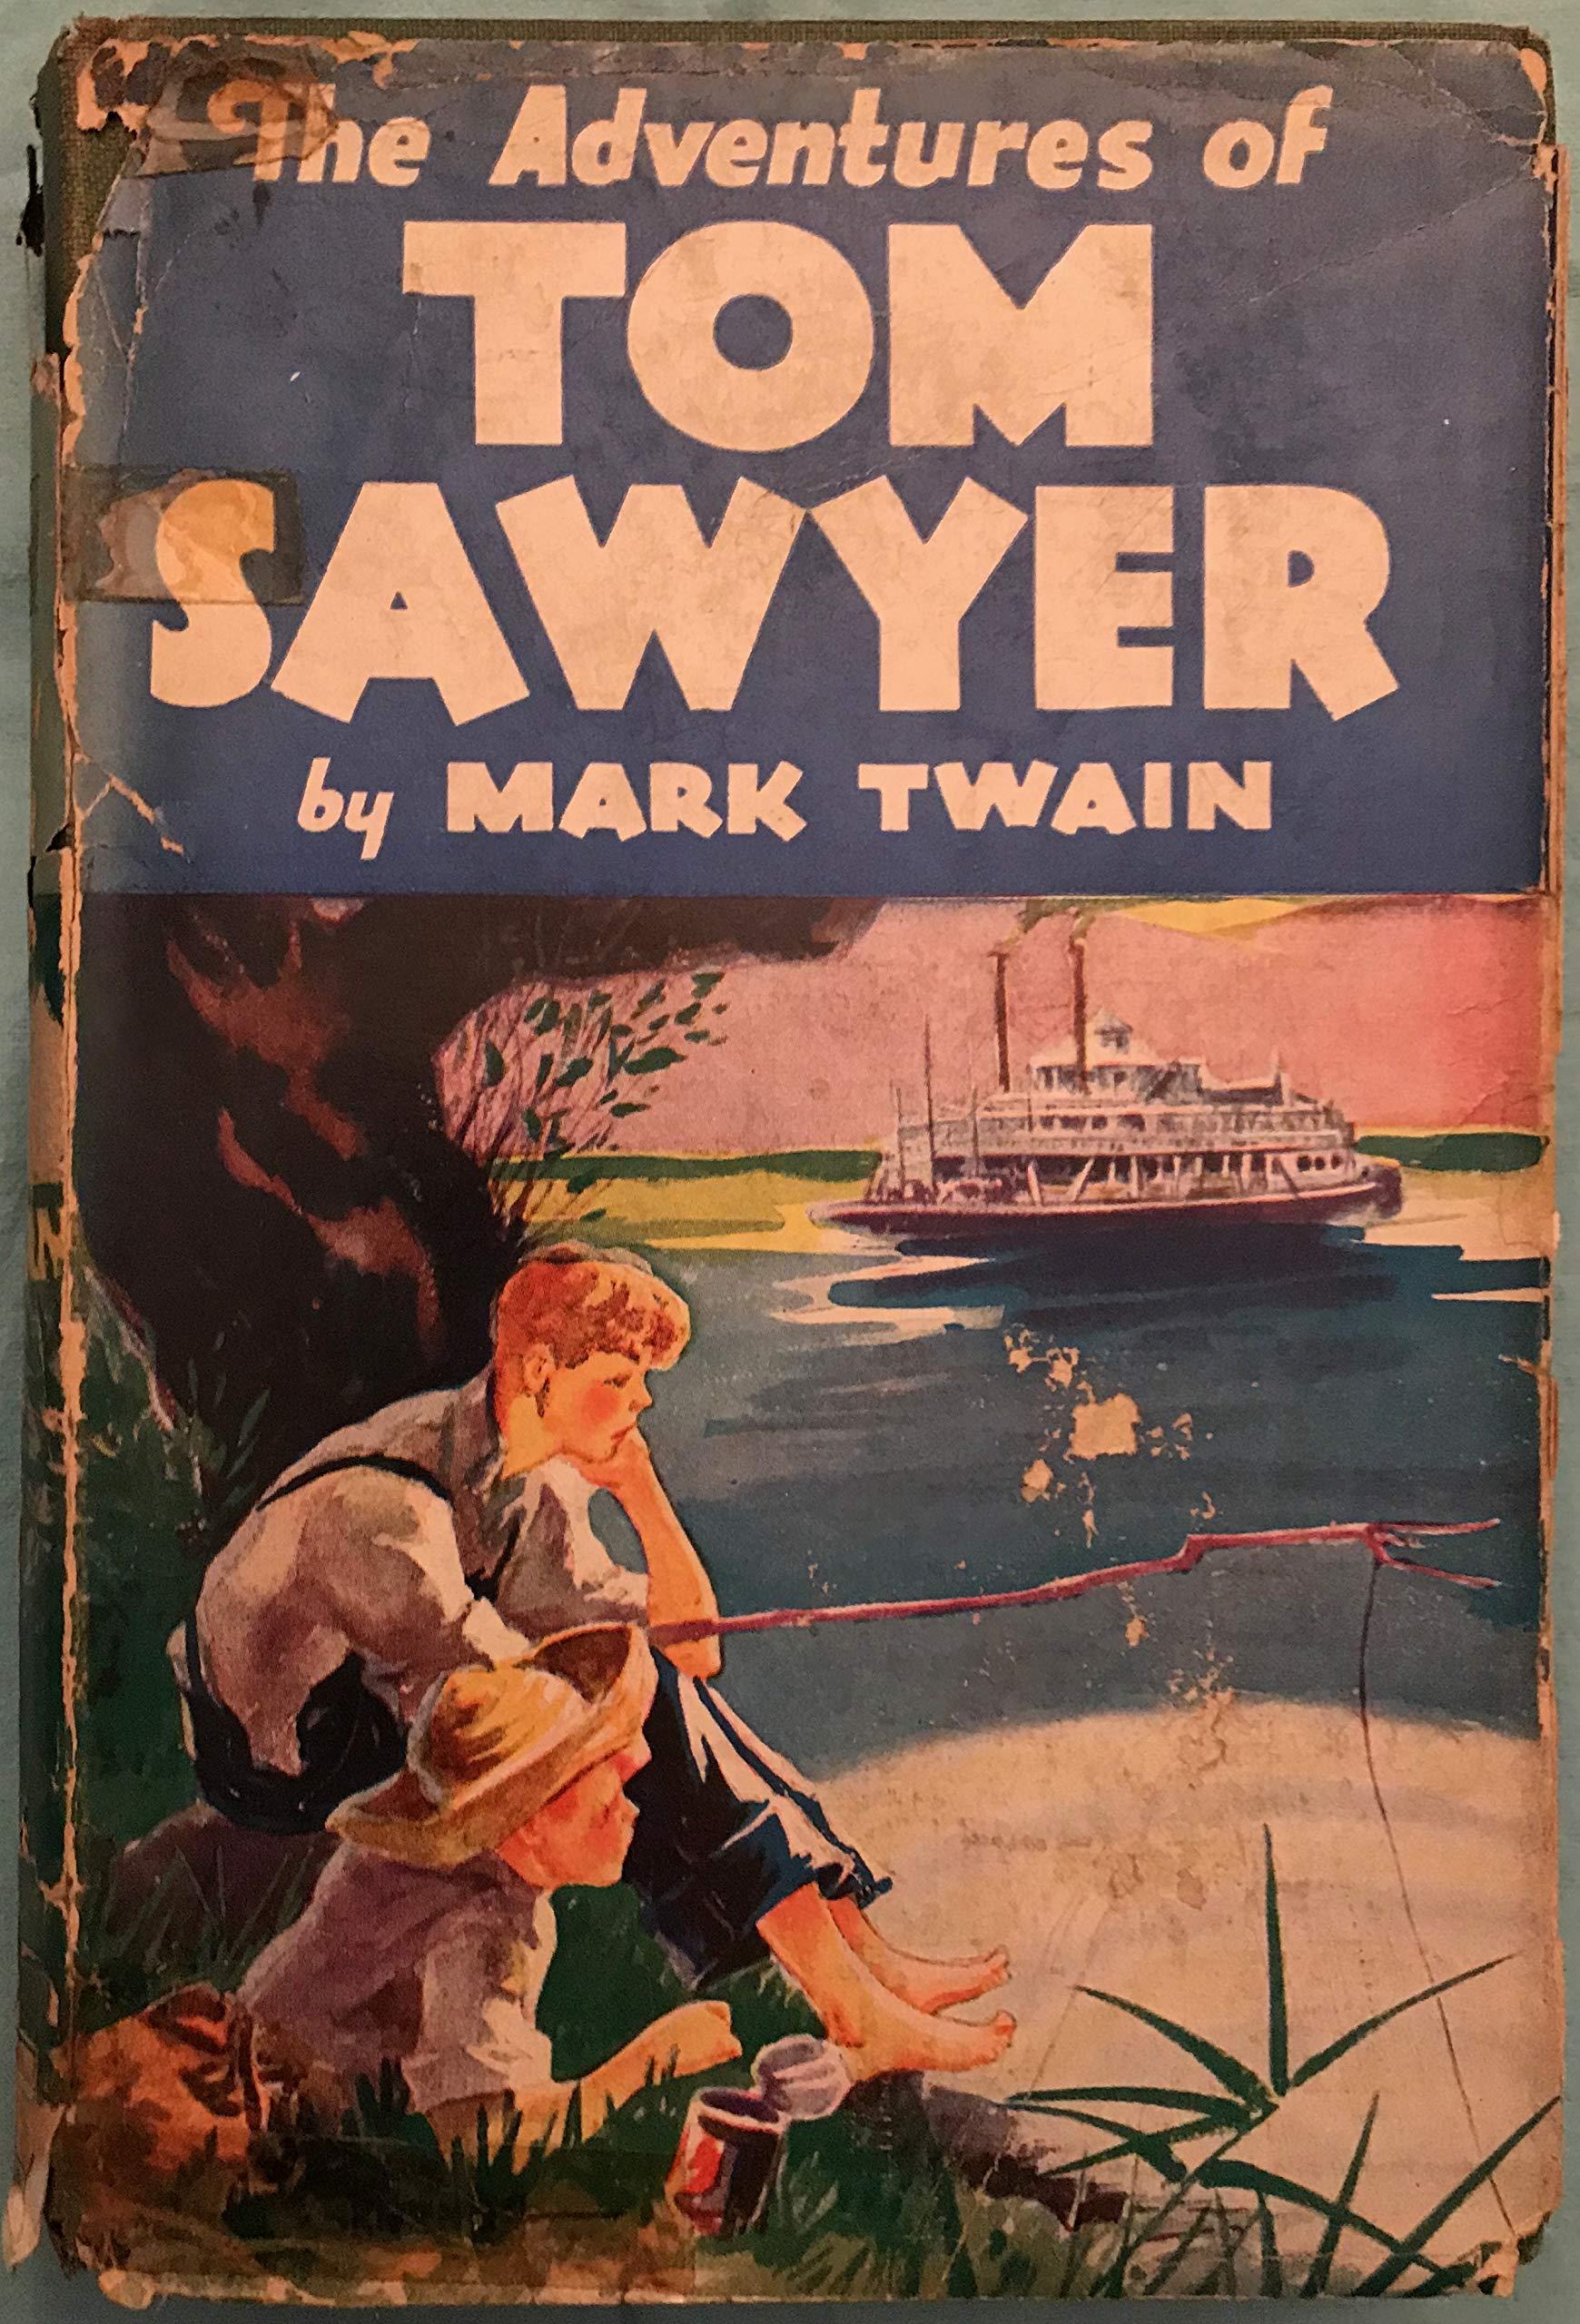 TOM SAWYER MOVIE POSTER 1930 Jackie Coogan VINTAGE 8